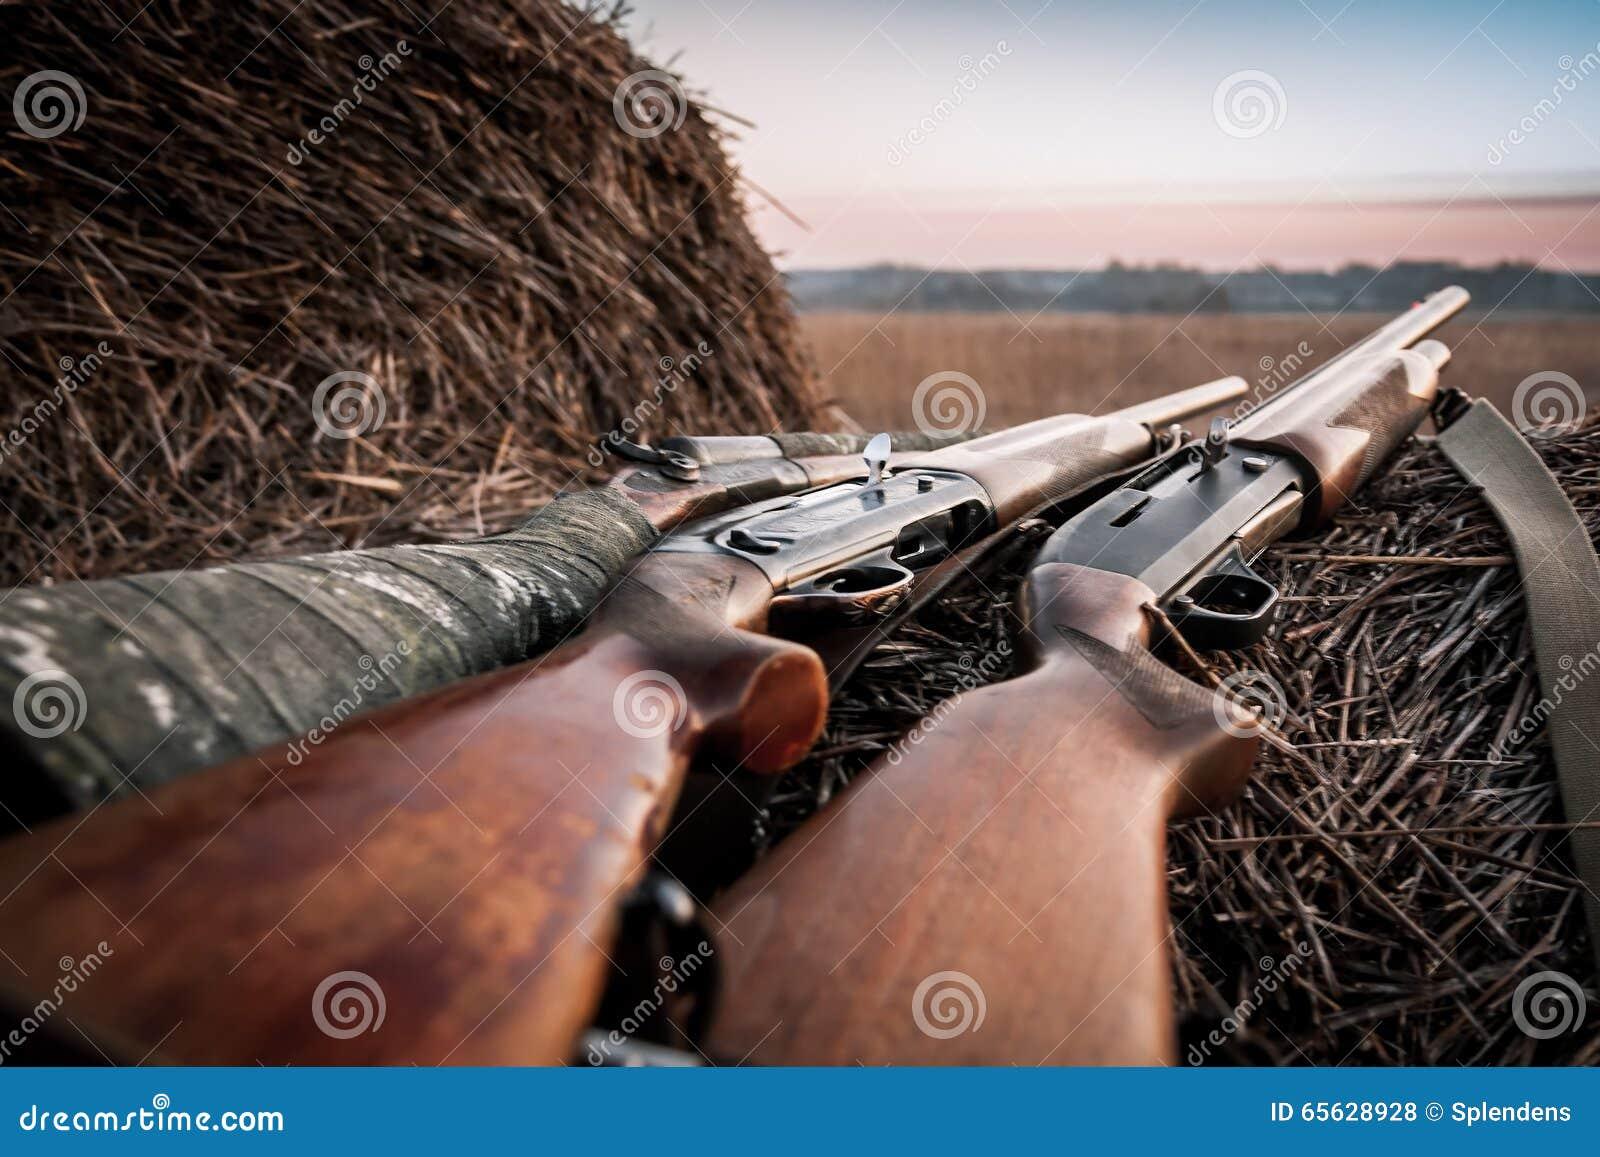 Fusils de chasse de chasse sur la meule de foin pendant le lever de soleil dans l attente de la chasse